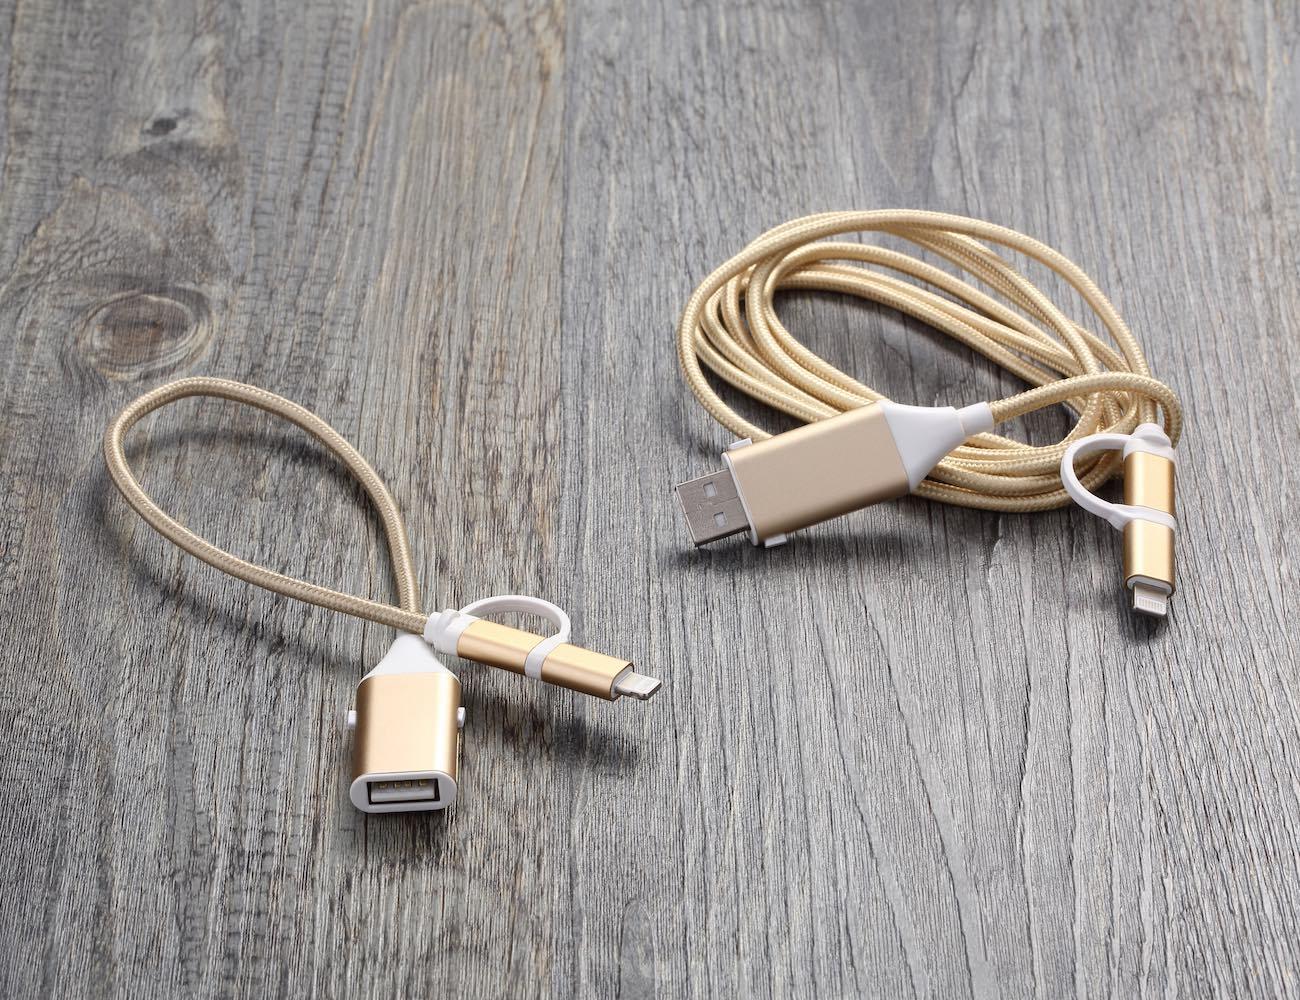 havit-smart-cable-01